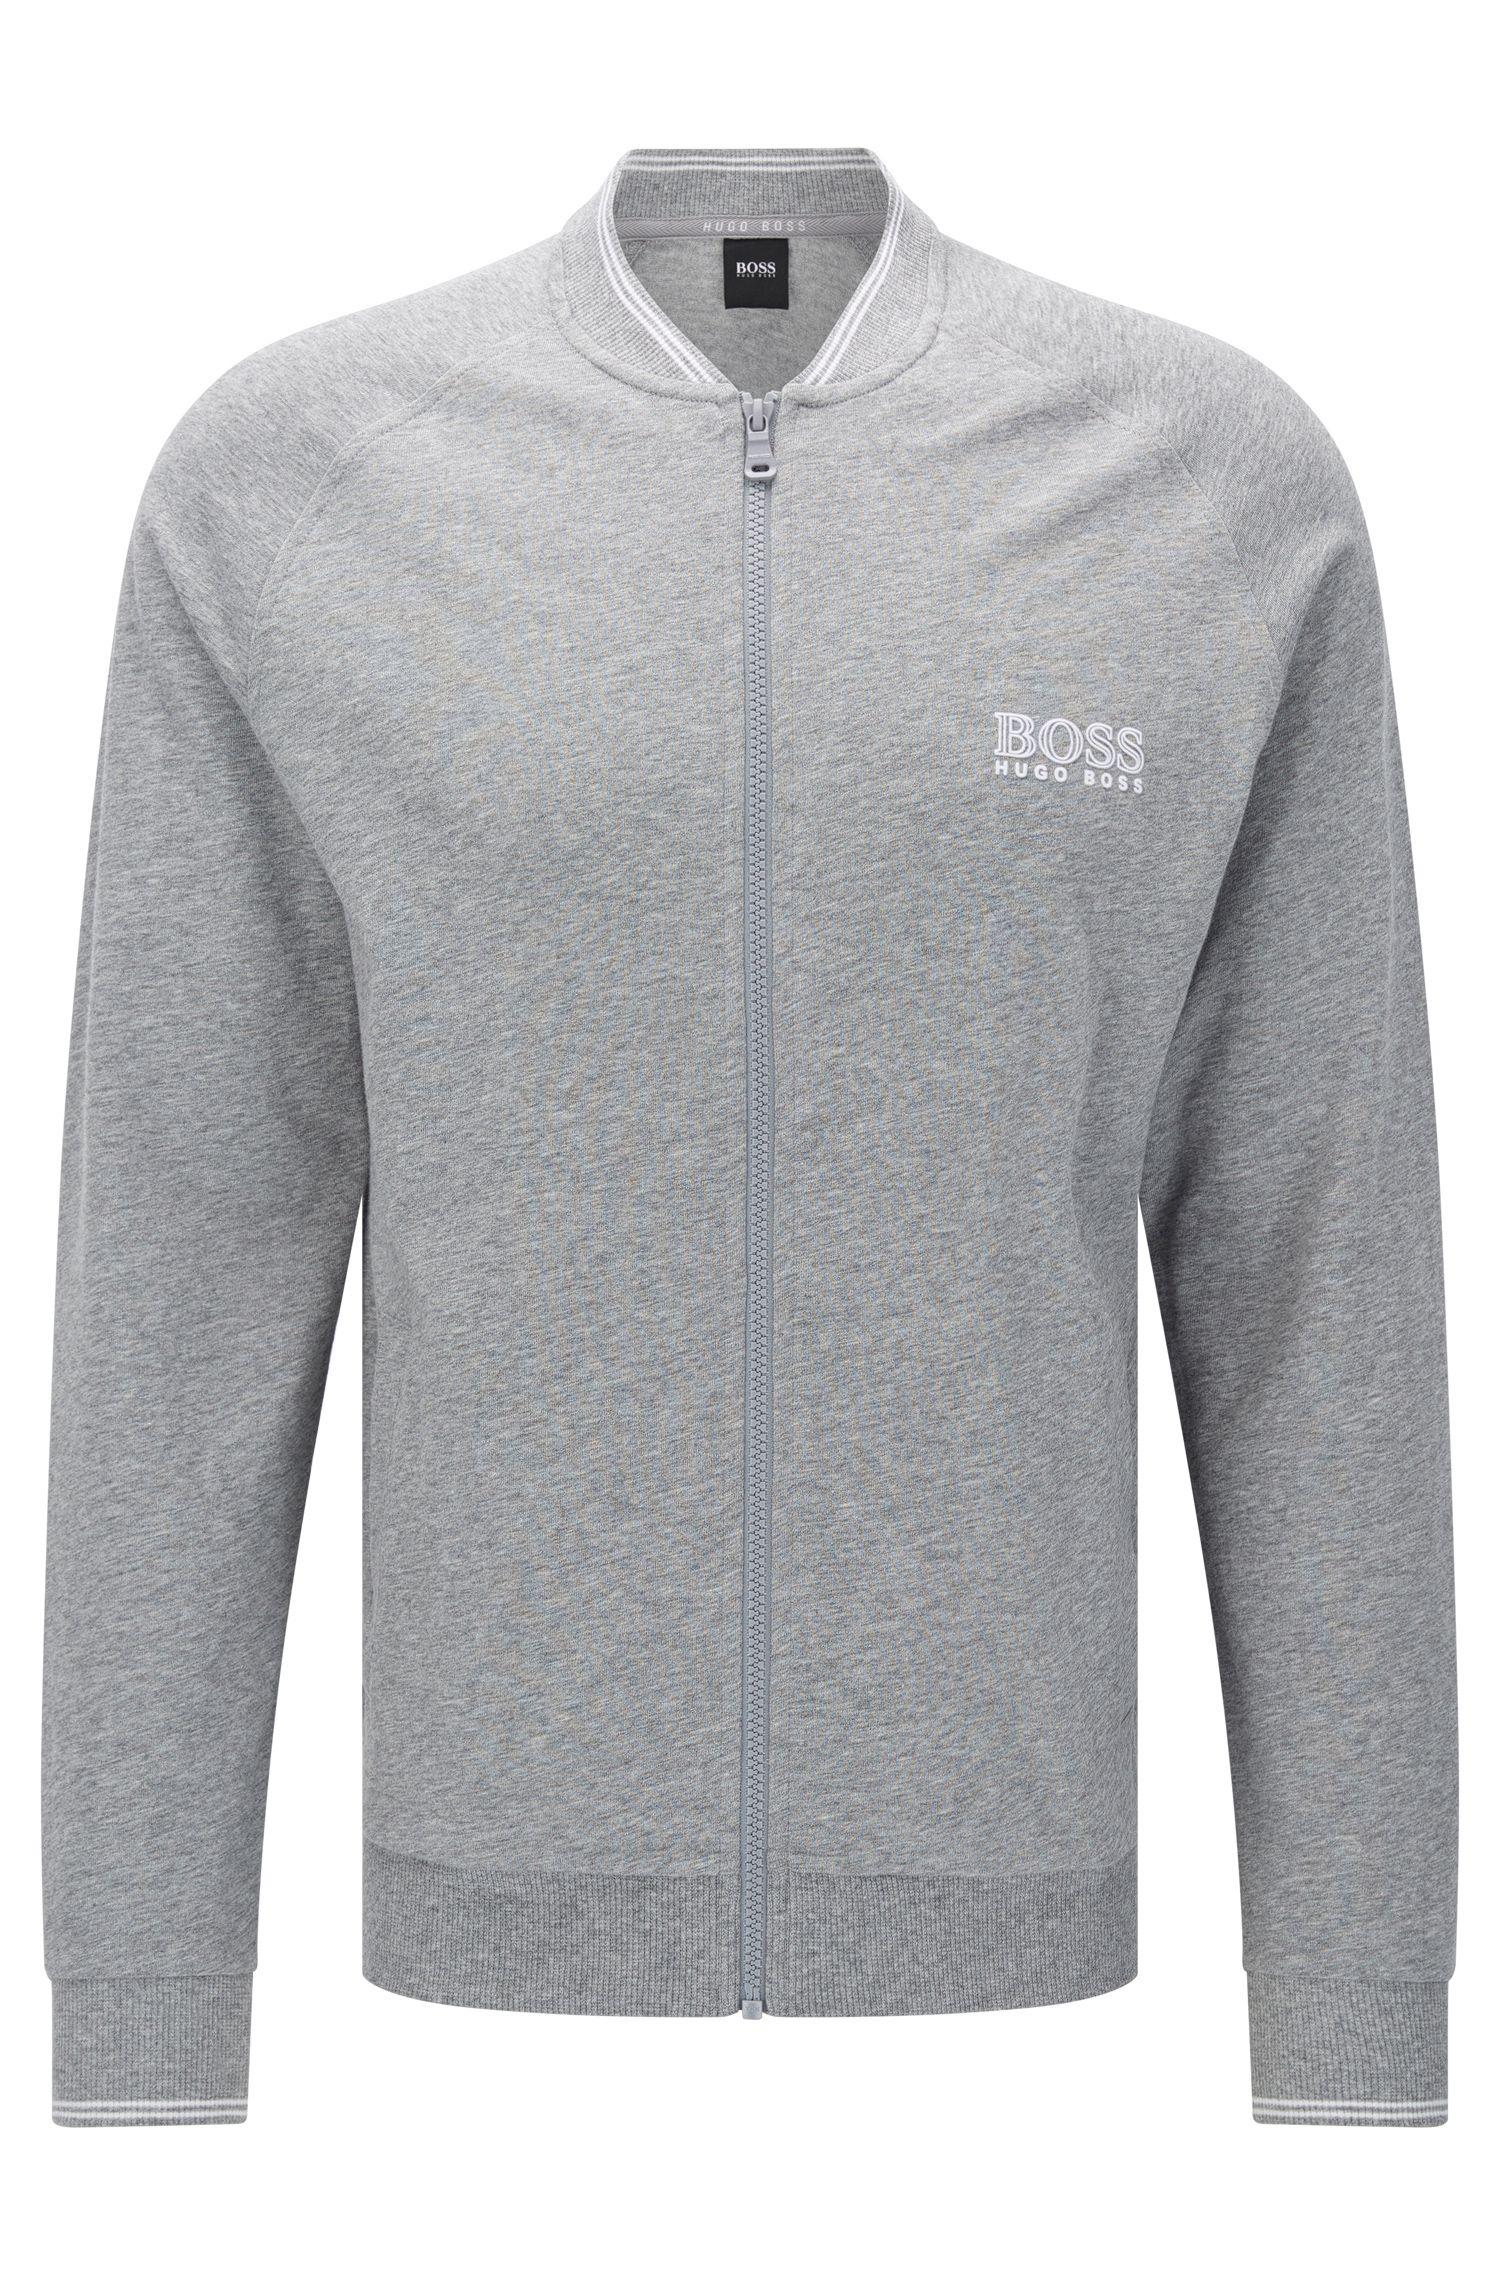 Giacca in felpa in cotone con maniche raglan: 'College Jacket Zip'